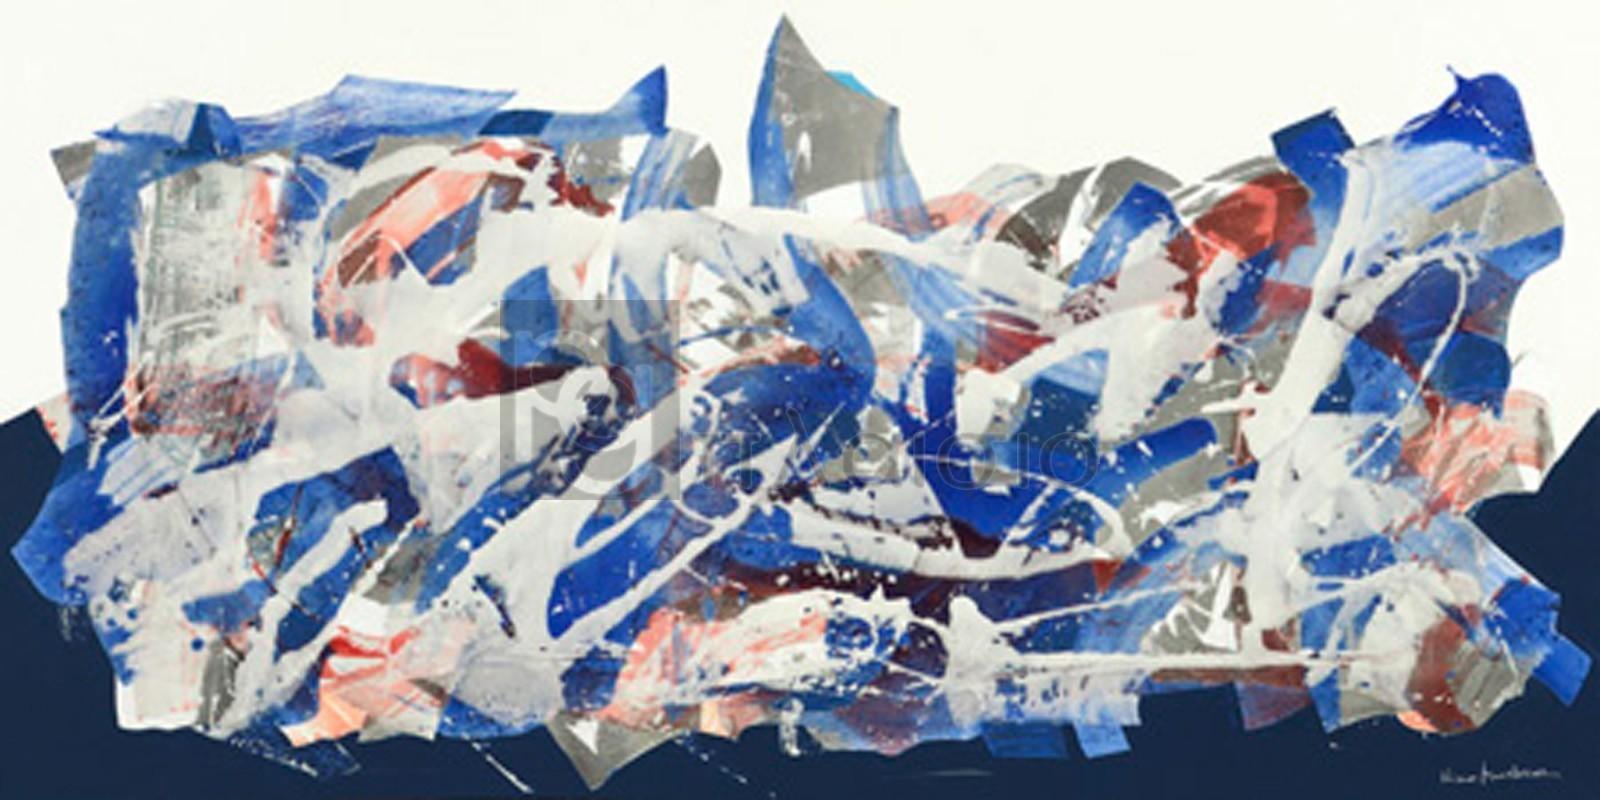 NINO MUSTICA - Lunedì 30 Luglio 2012, dettaglio II